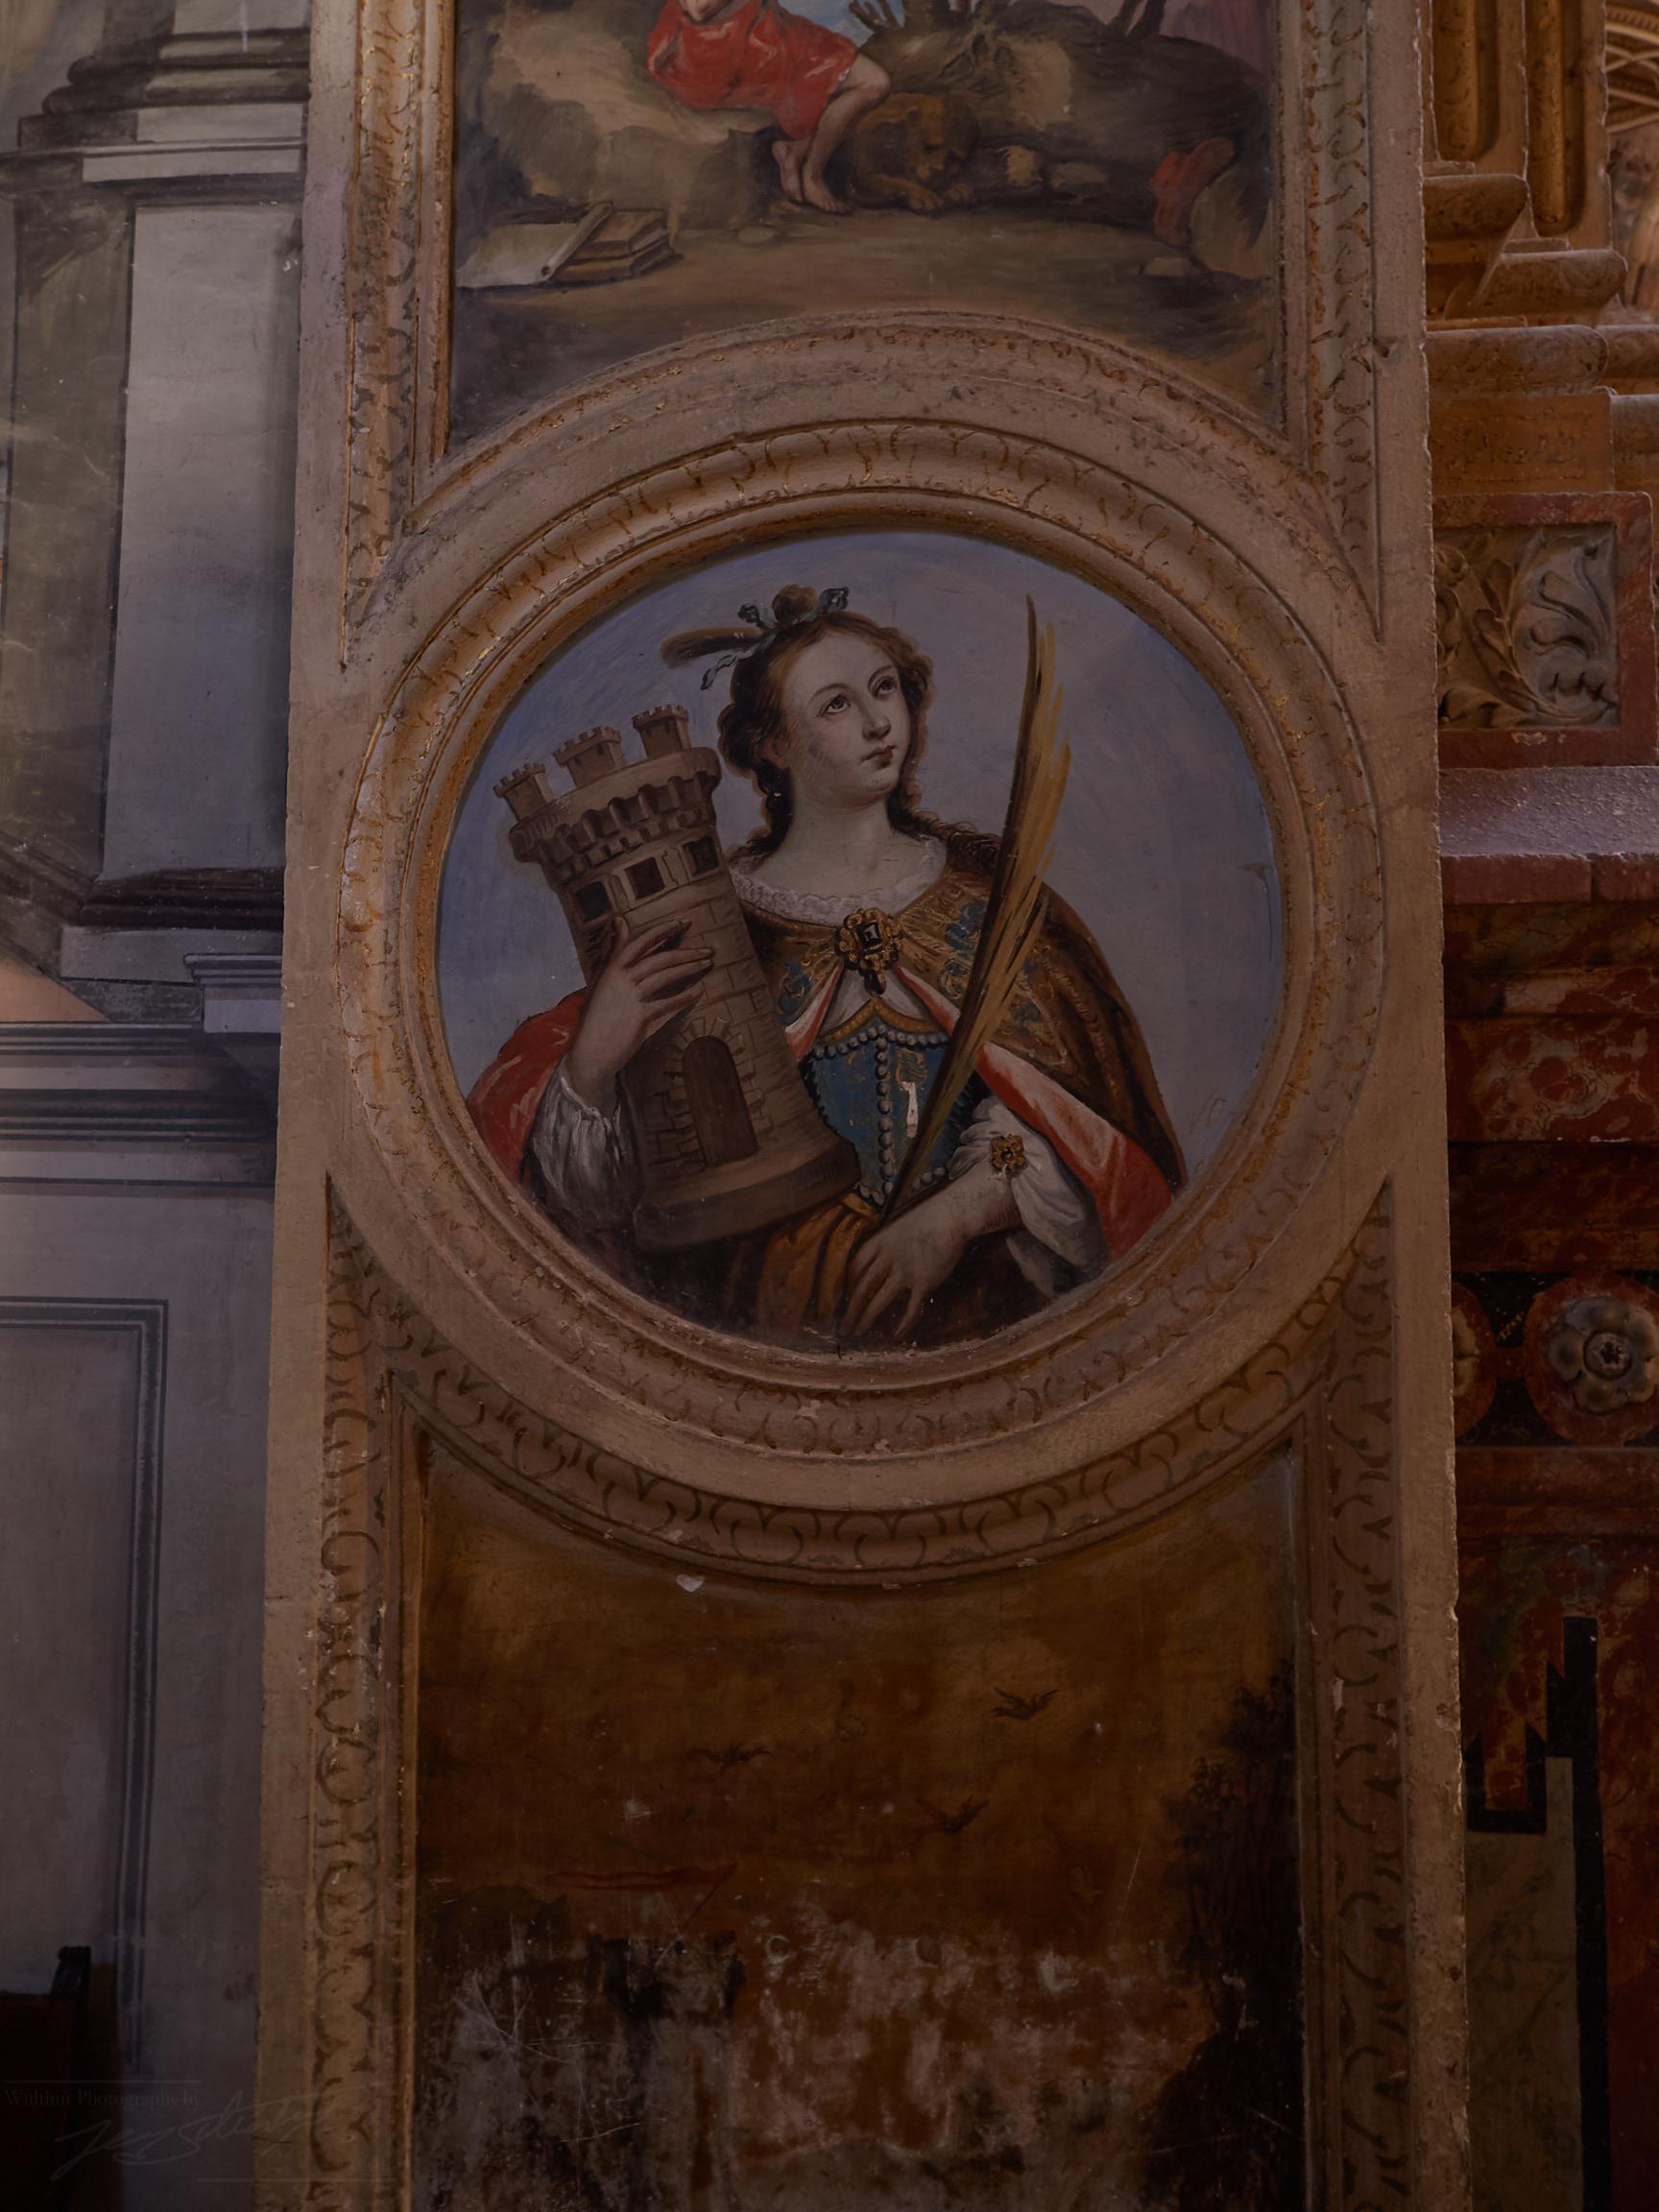 Die Heilige der Schachspieler ?, Monasterio de San Jerónimo